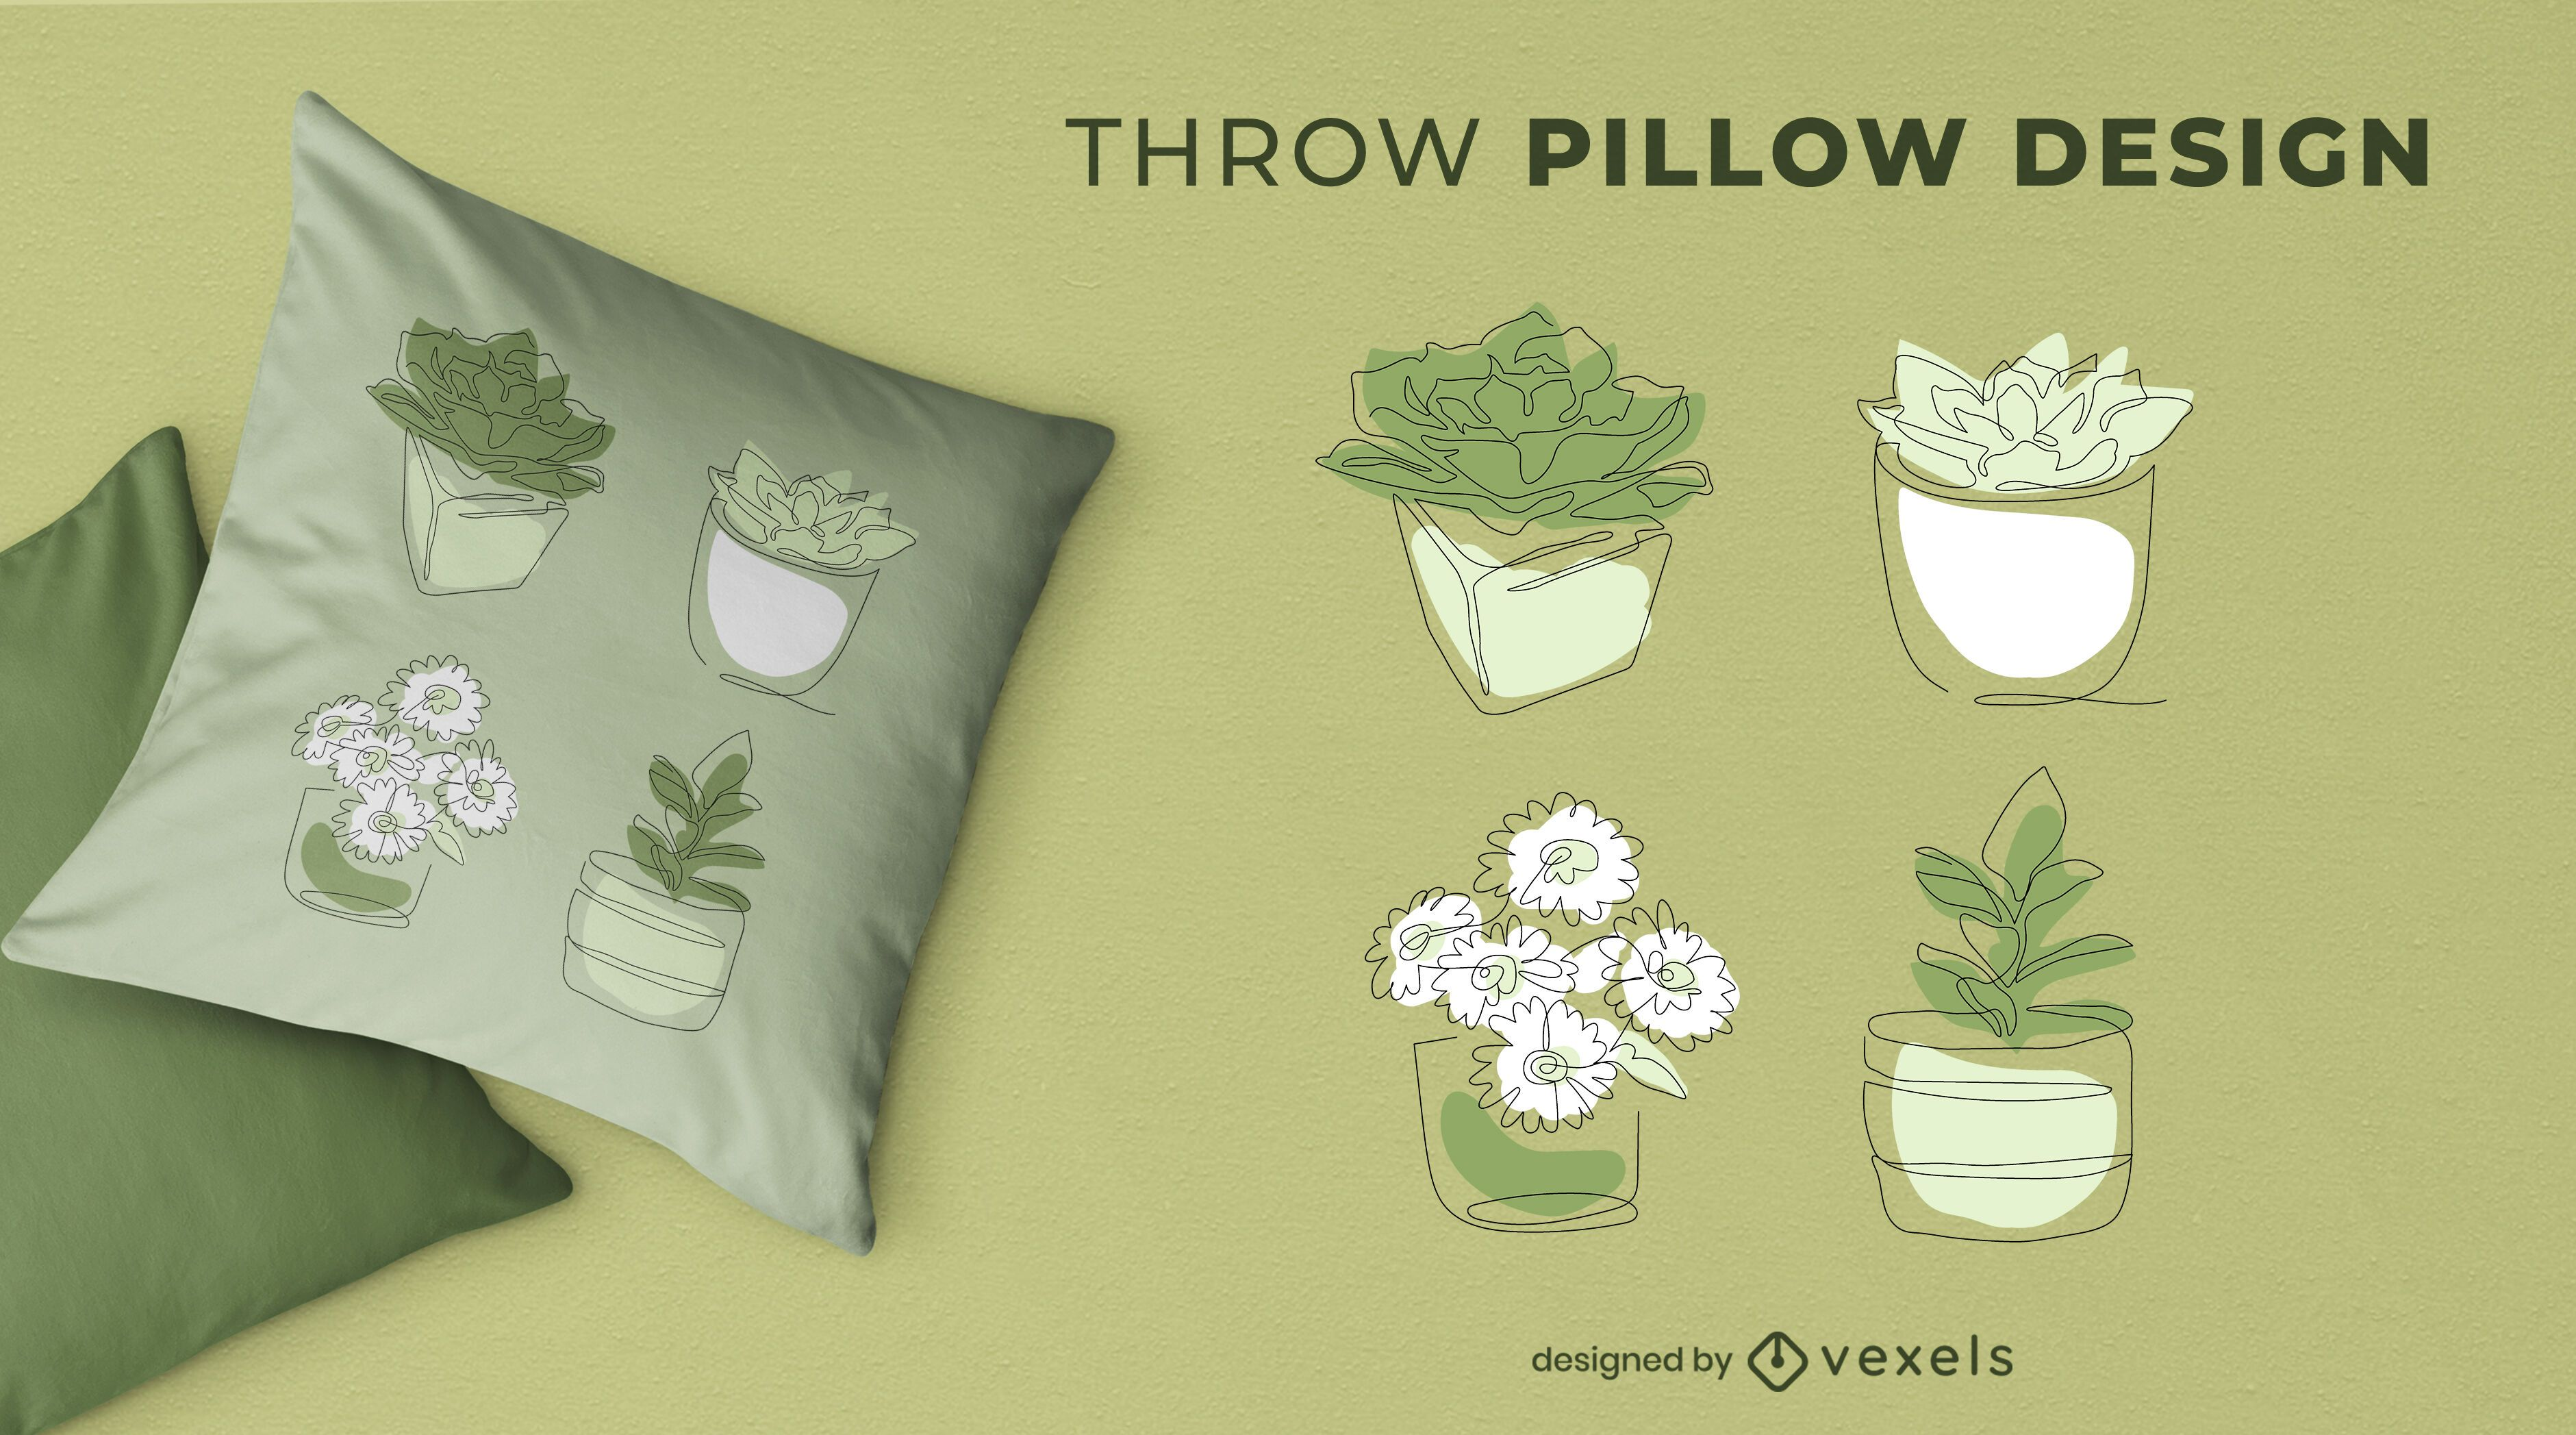 Diseño de almohada de tiro de plantas de línea continua